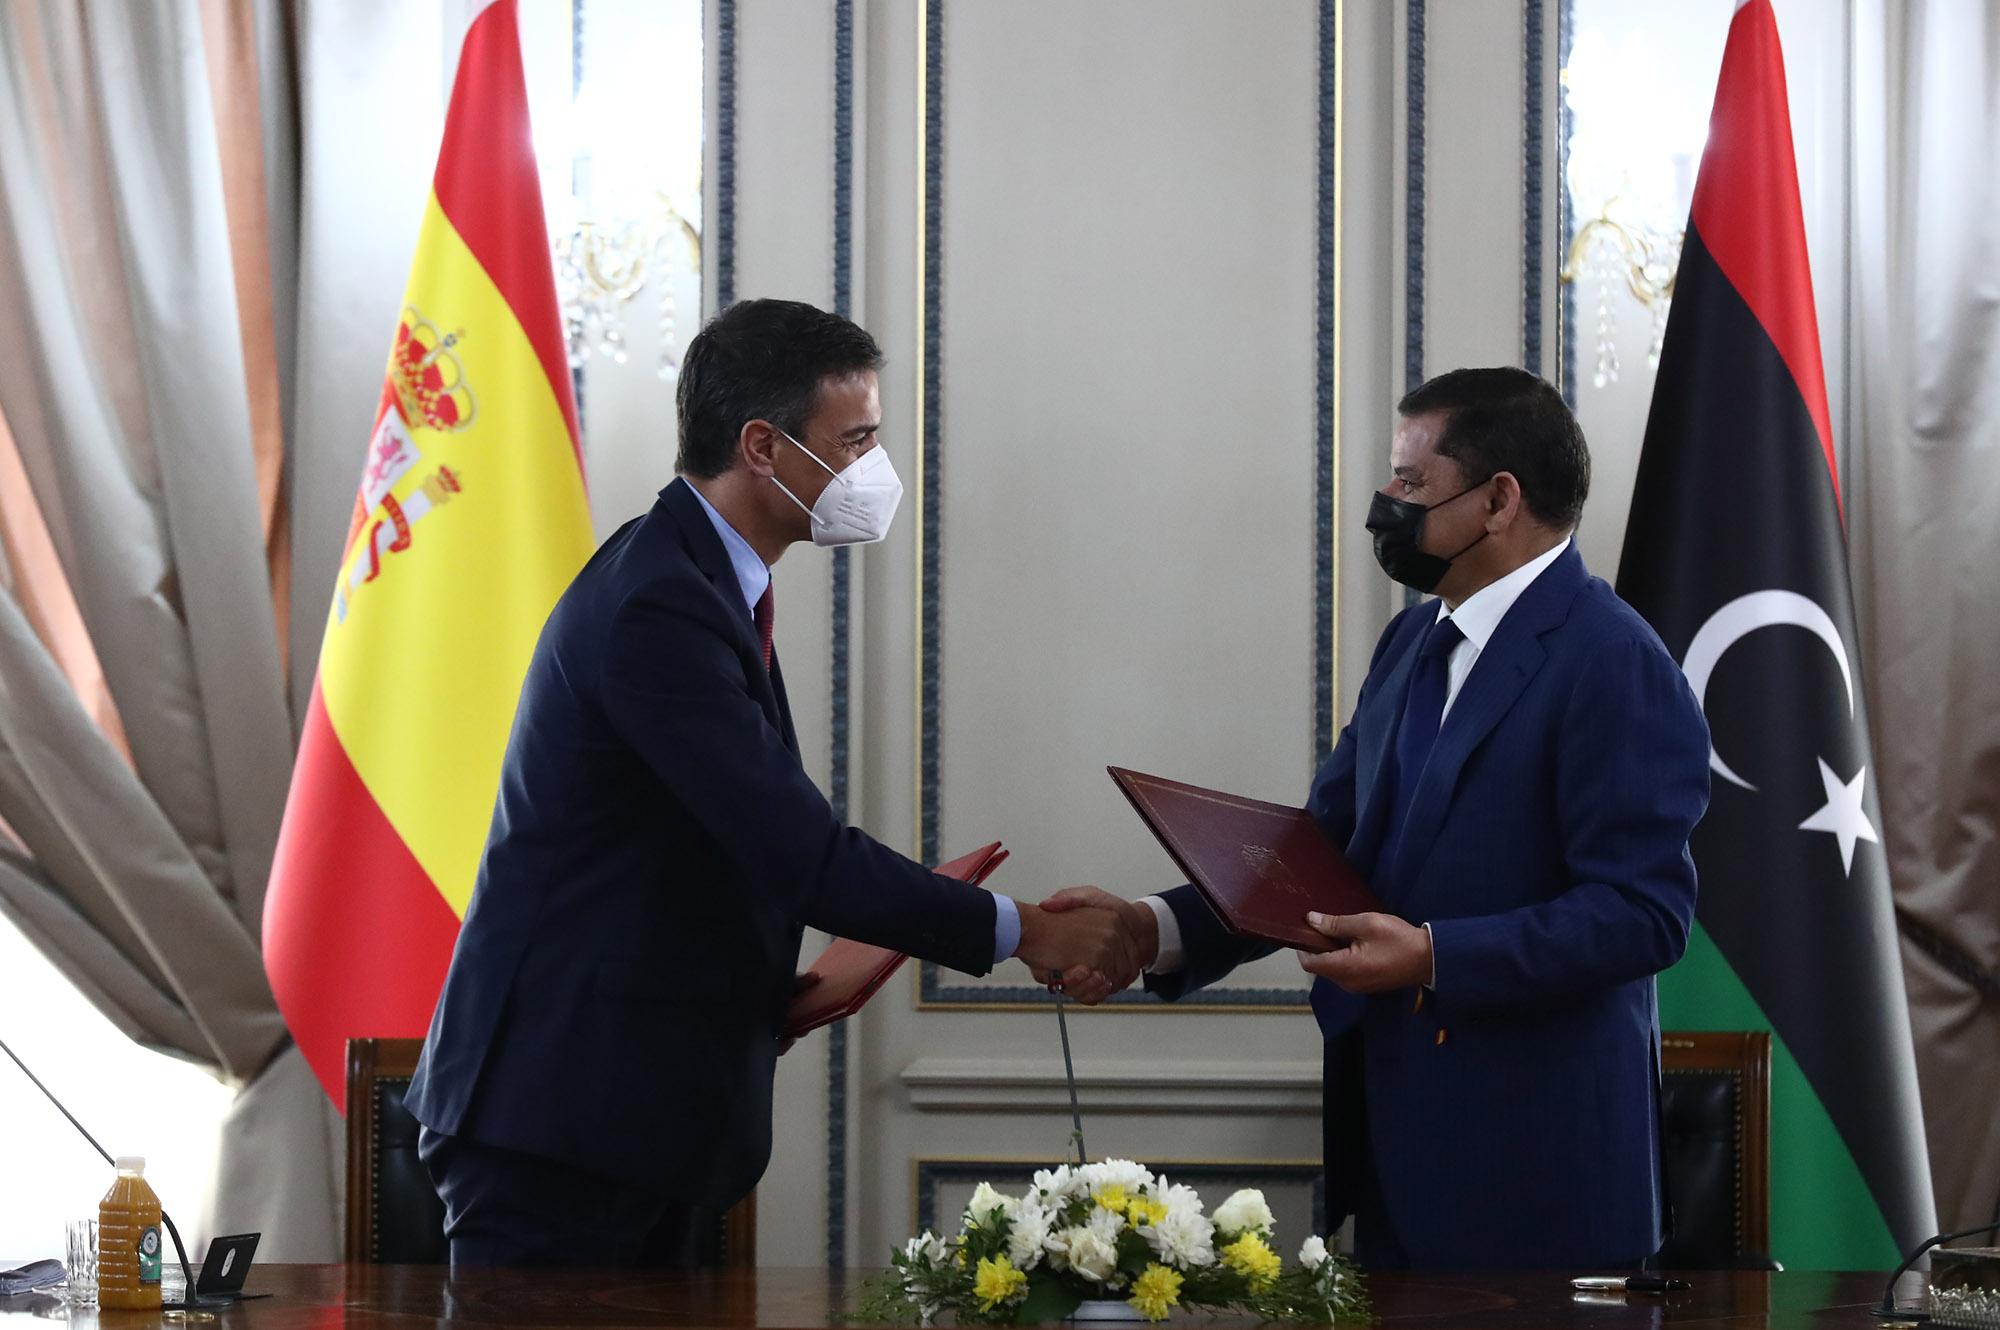 Pedro Sánchez y Abdul Hamid Dbeiba se saludan tras firmar memorandos de entendimiento